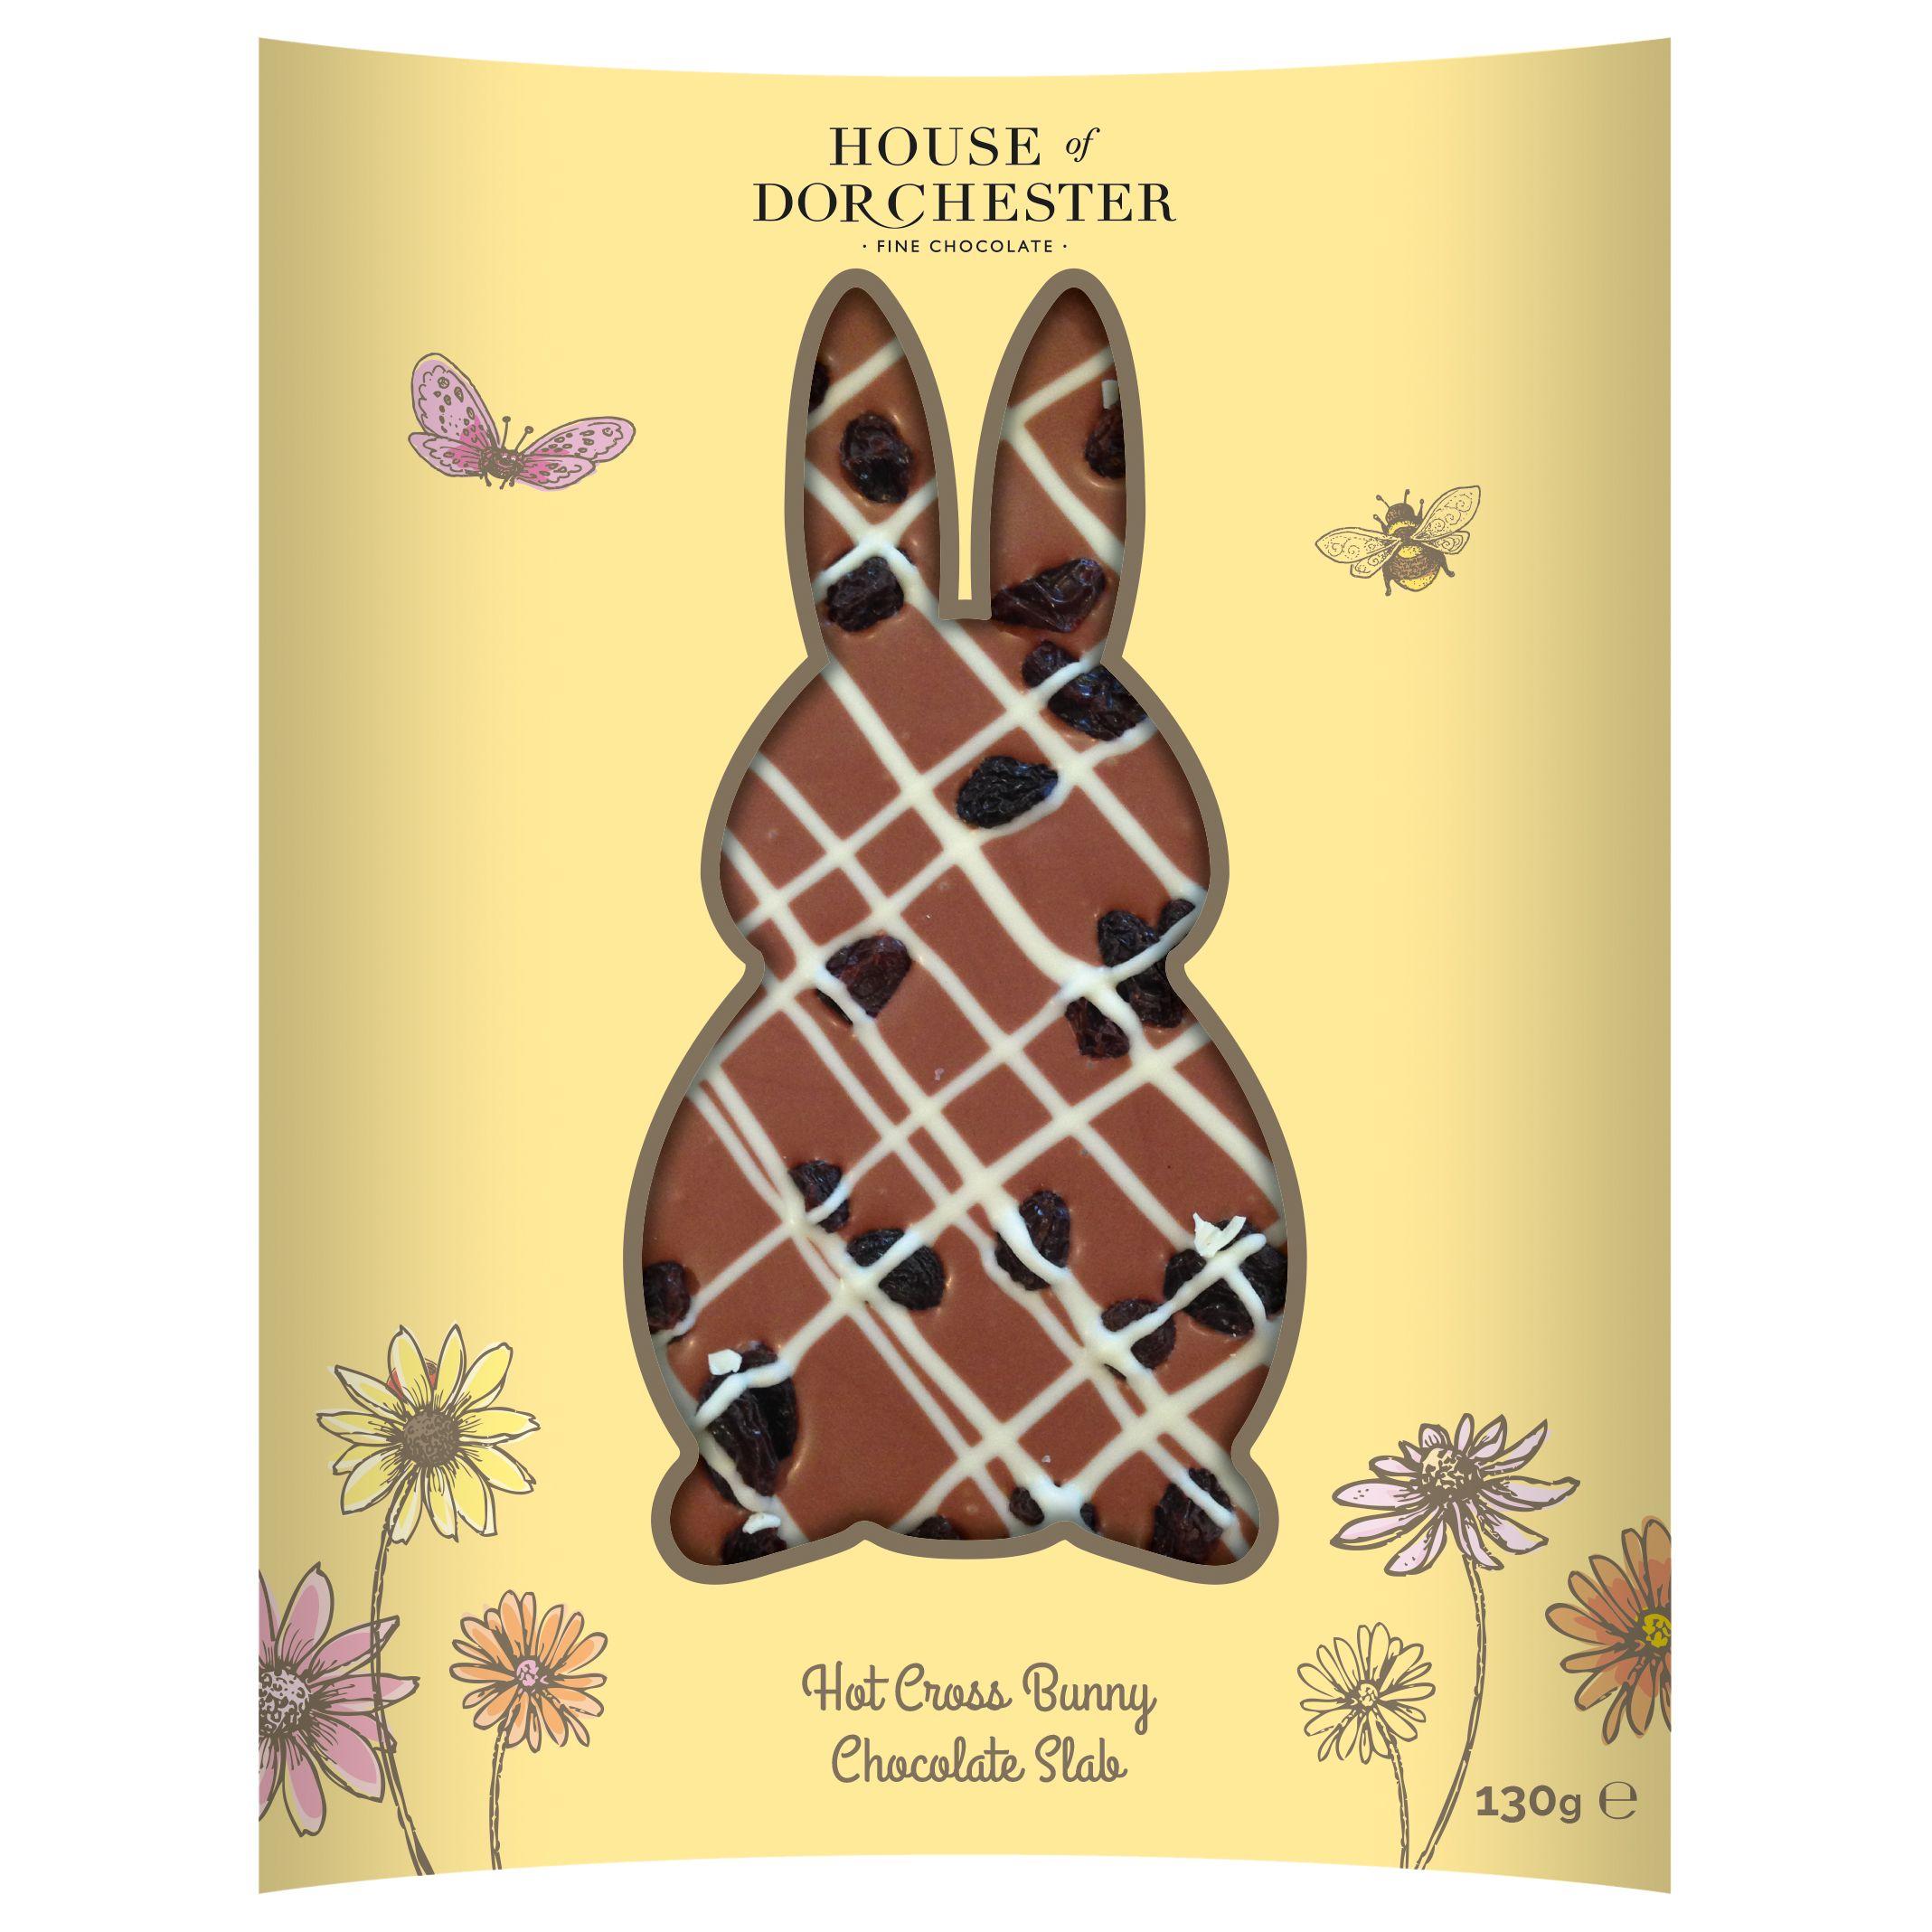 House of Dorchester House of Dorchester Hot Cross Bunny Milk Chocolate Slab, 130g